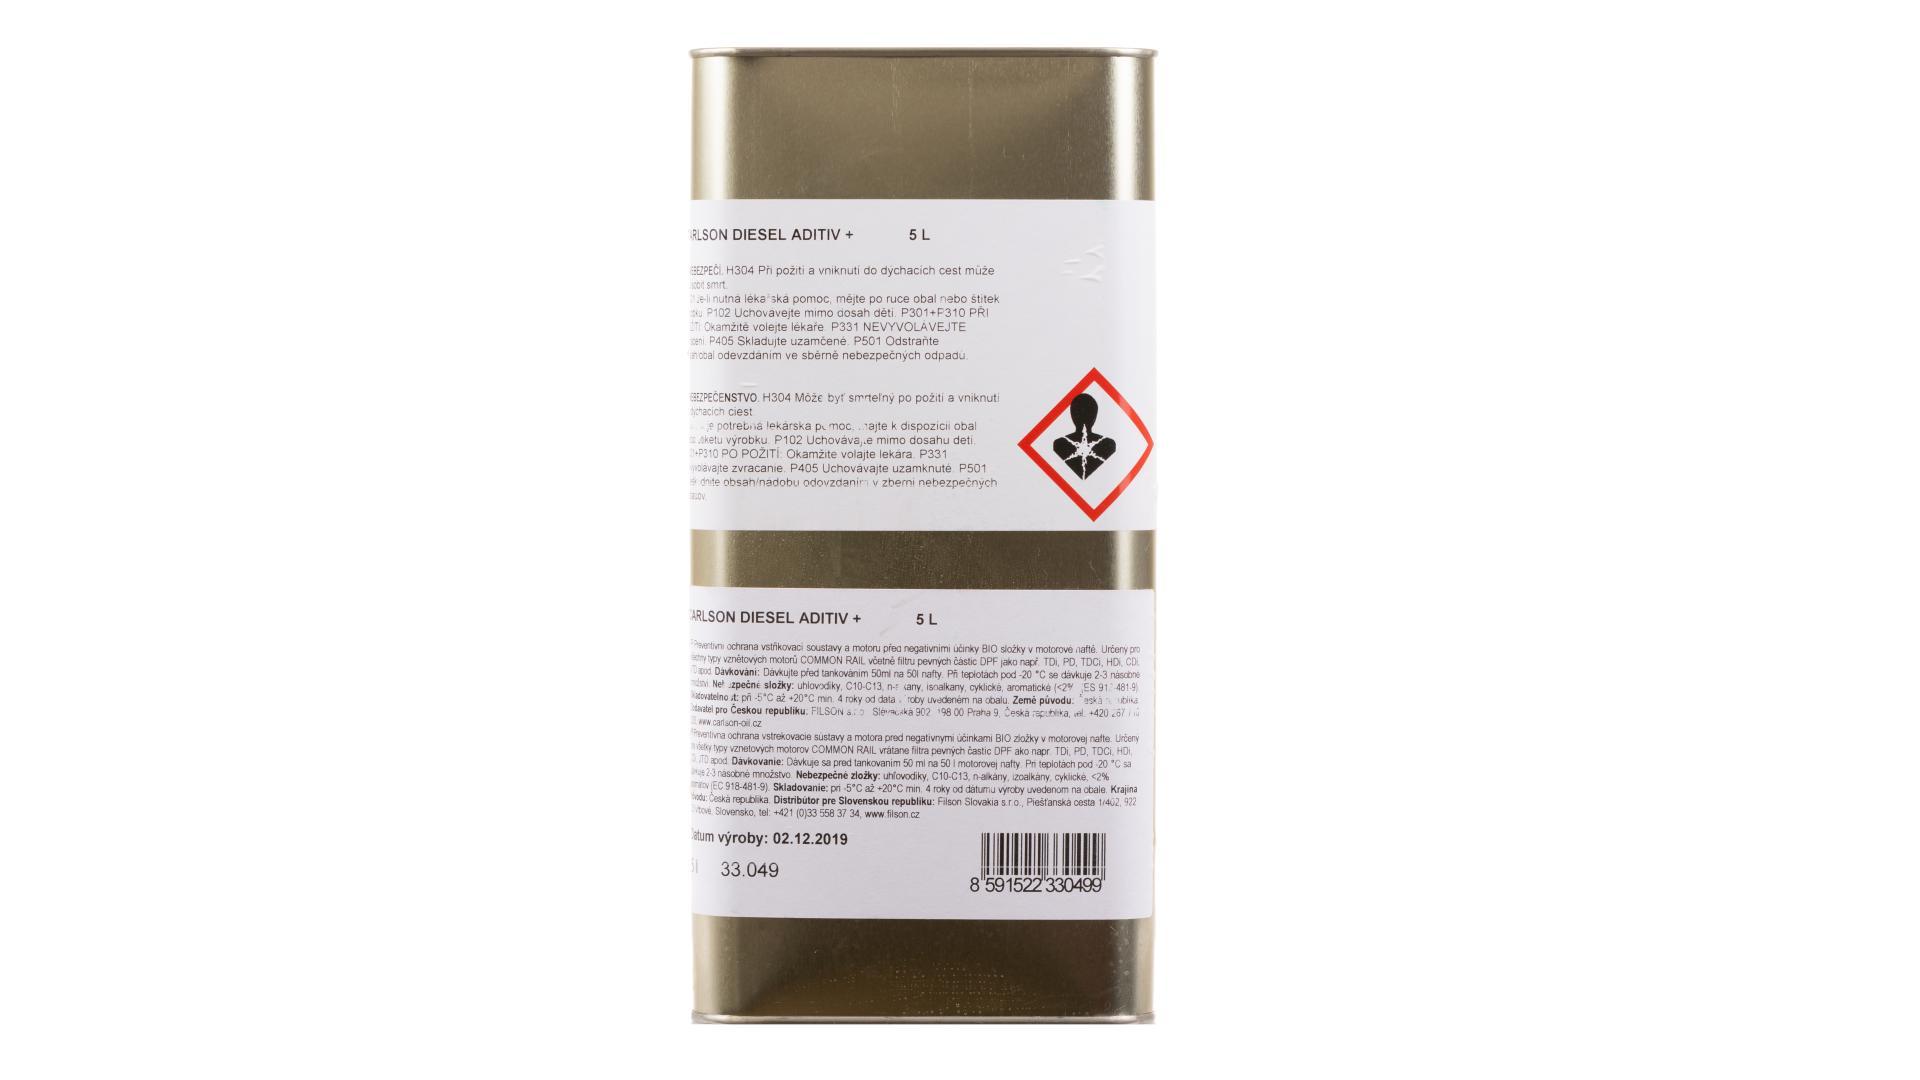 CARLSON DIESEL ADITIV - Zimné aditívum do nafty - 5L